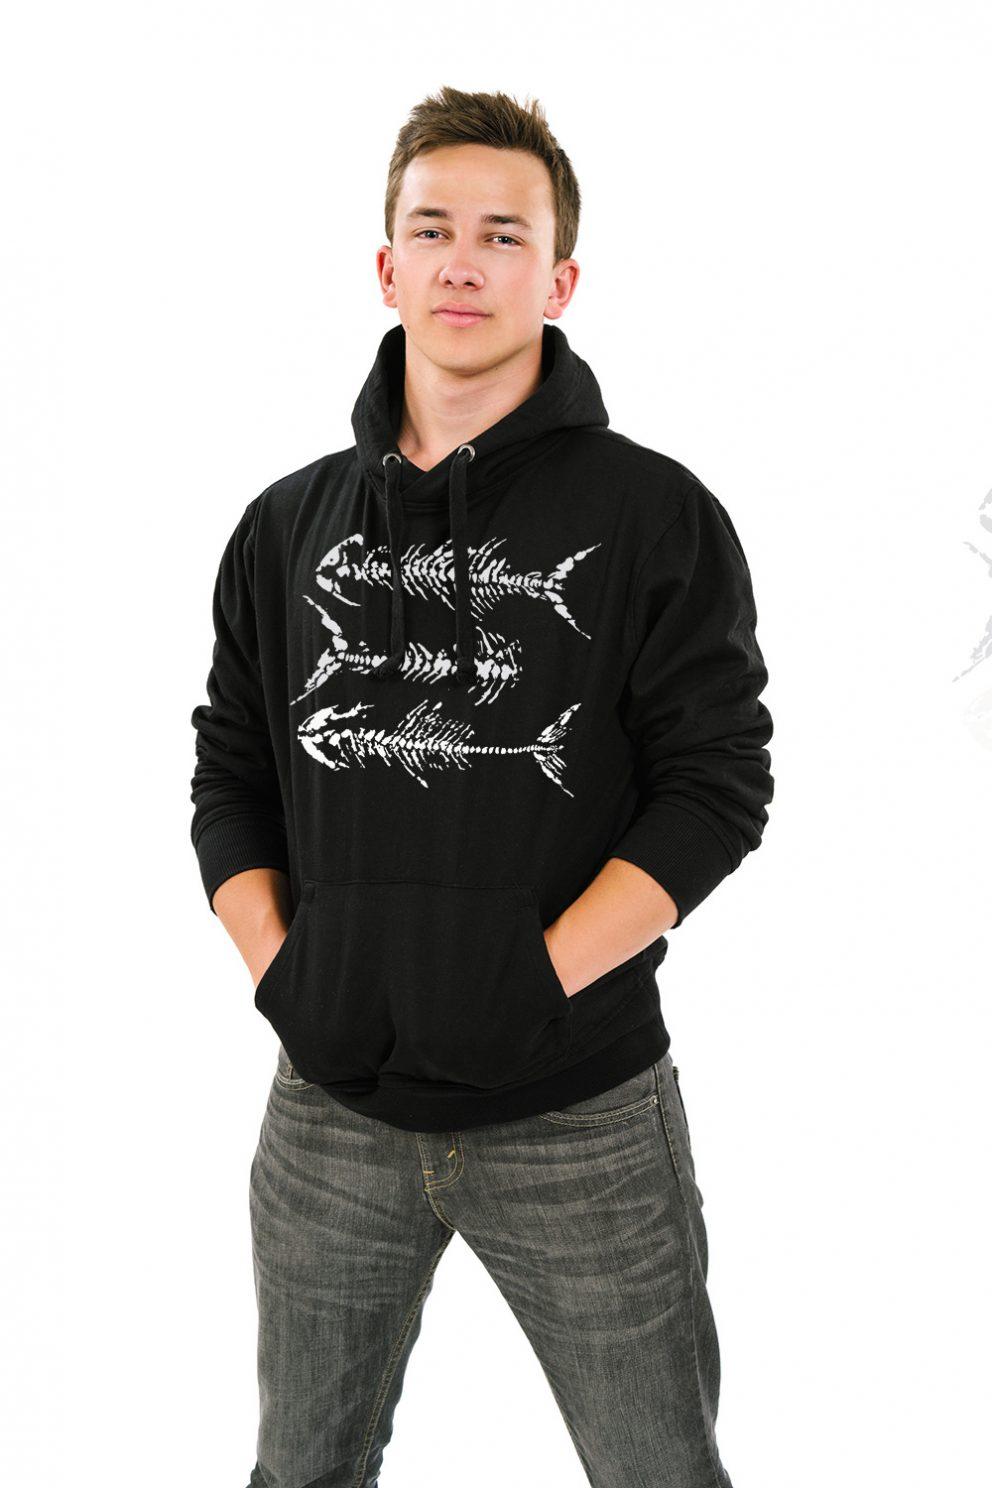 Kyst-shirt Olberg West Hoodie